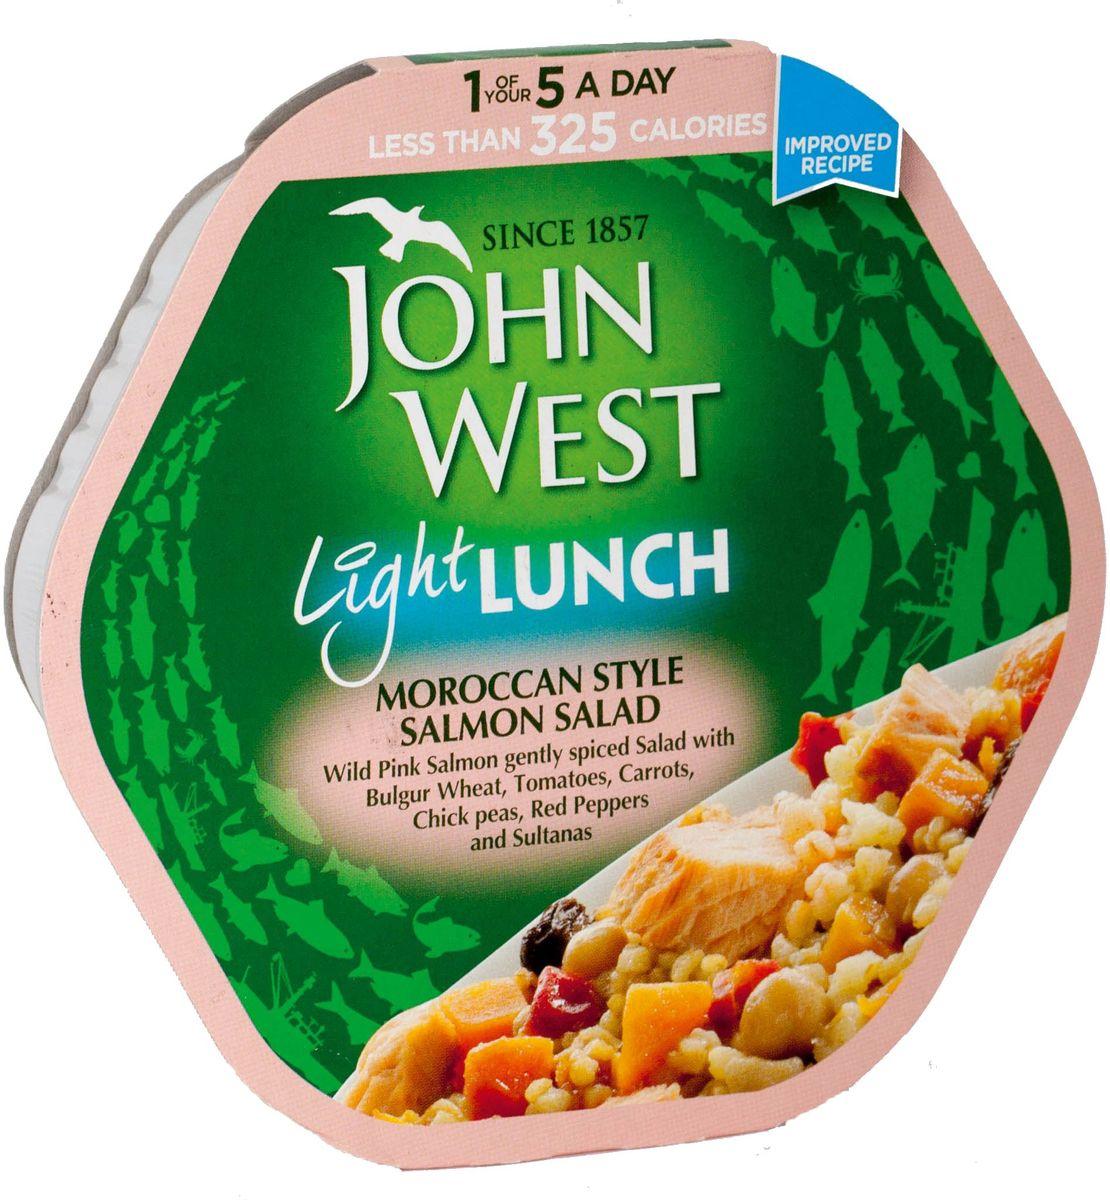 John West легкий обед с лососем марокканский, 220 г64705Легкий и вкусный обед с пониженным содержанием жиров создан без добавления ароматизаторов, синтетических красителей и консервантов.